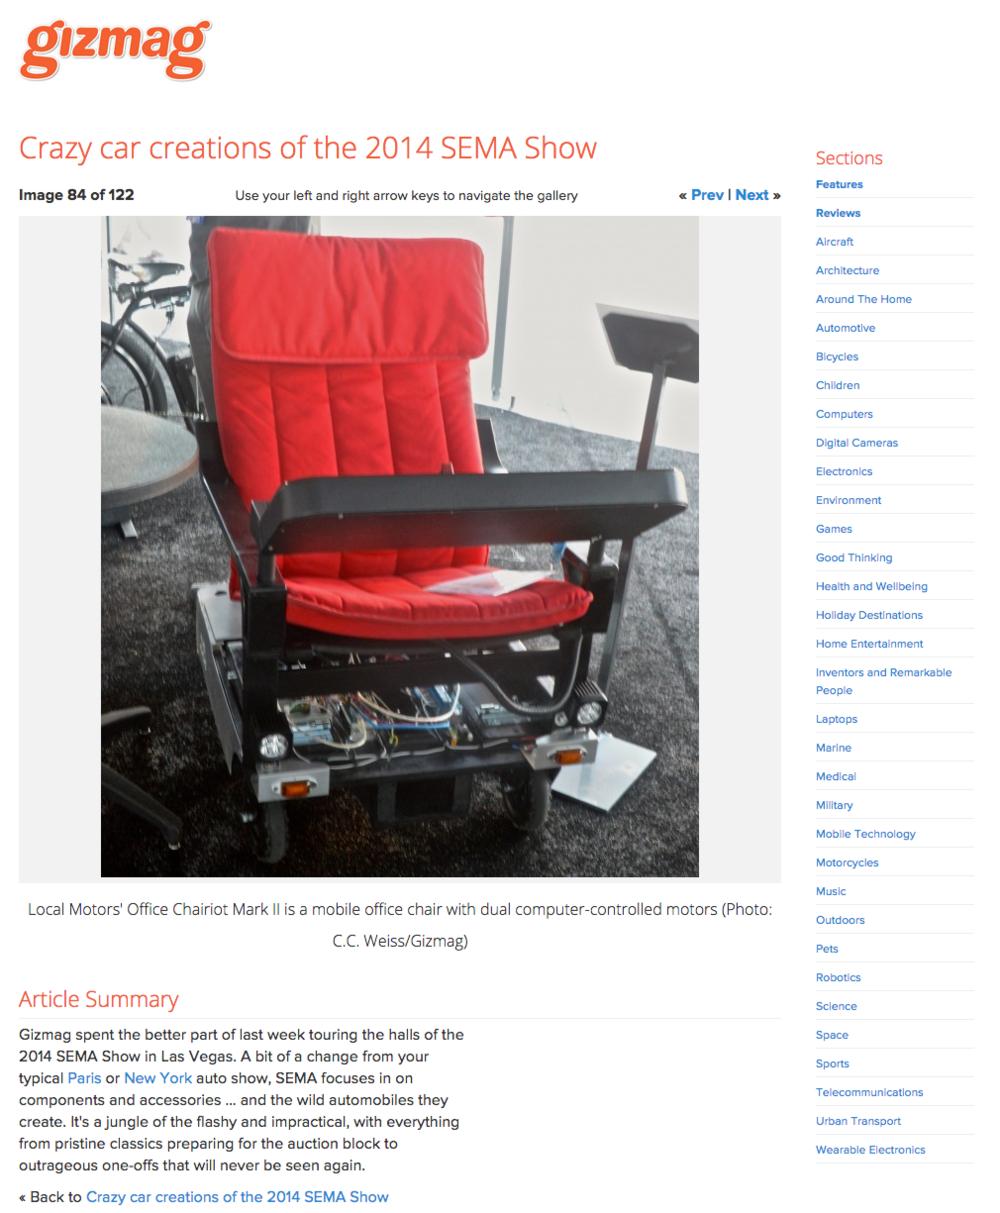 Gizmag coverage of SEMA 2014